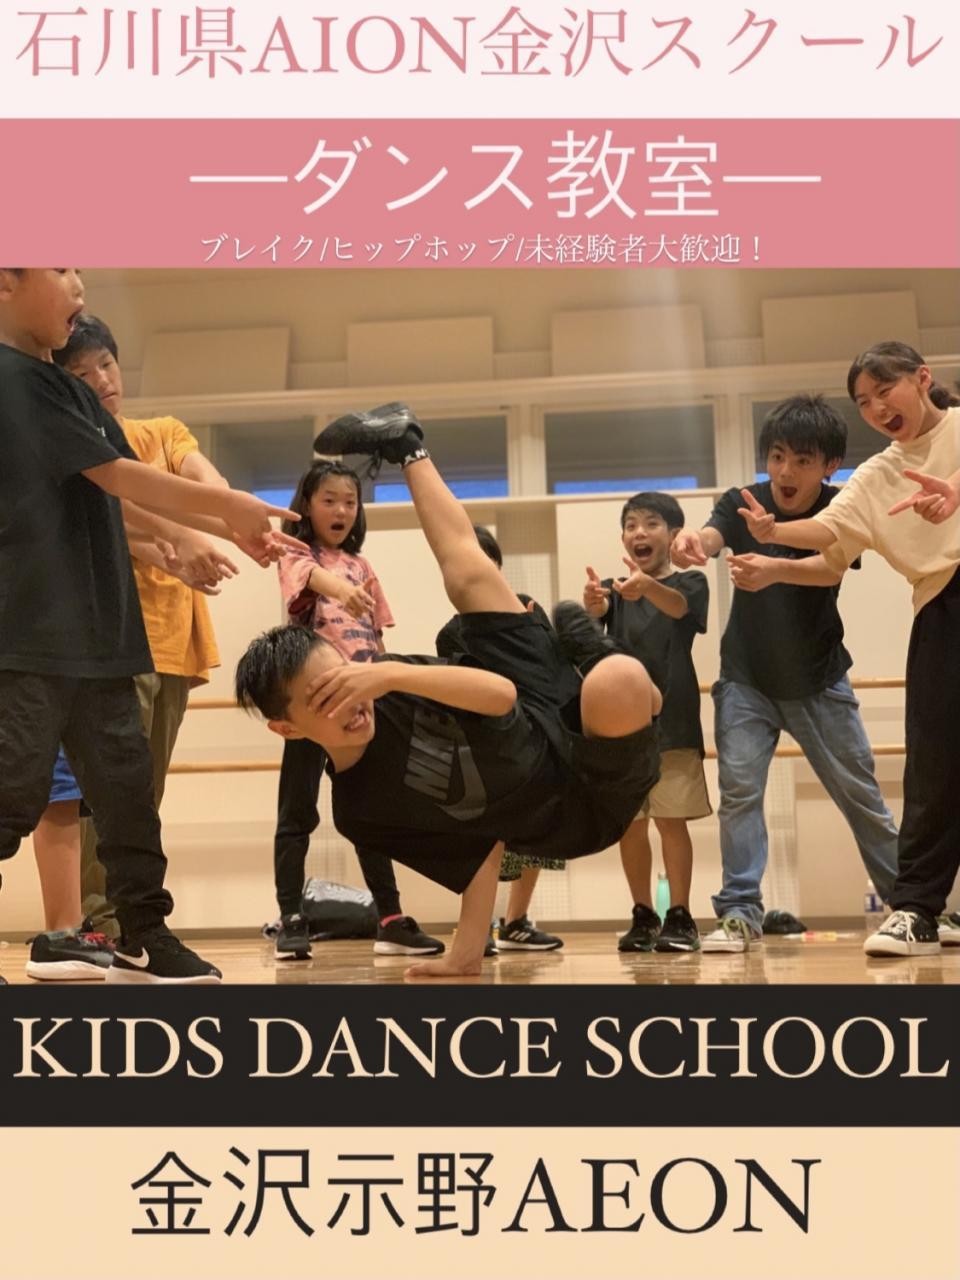 ダンス スクール Arata